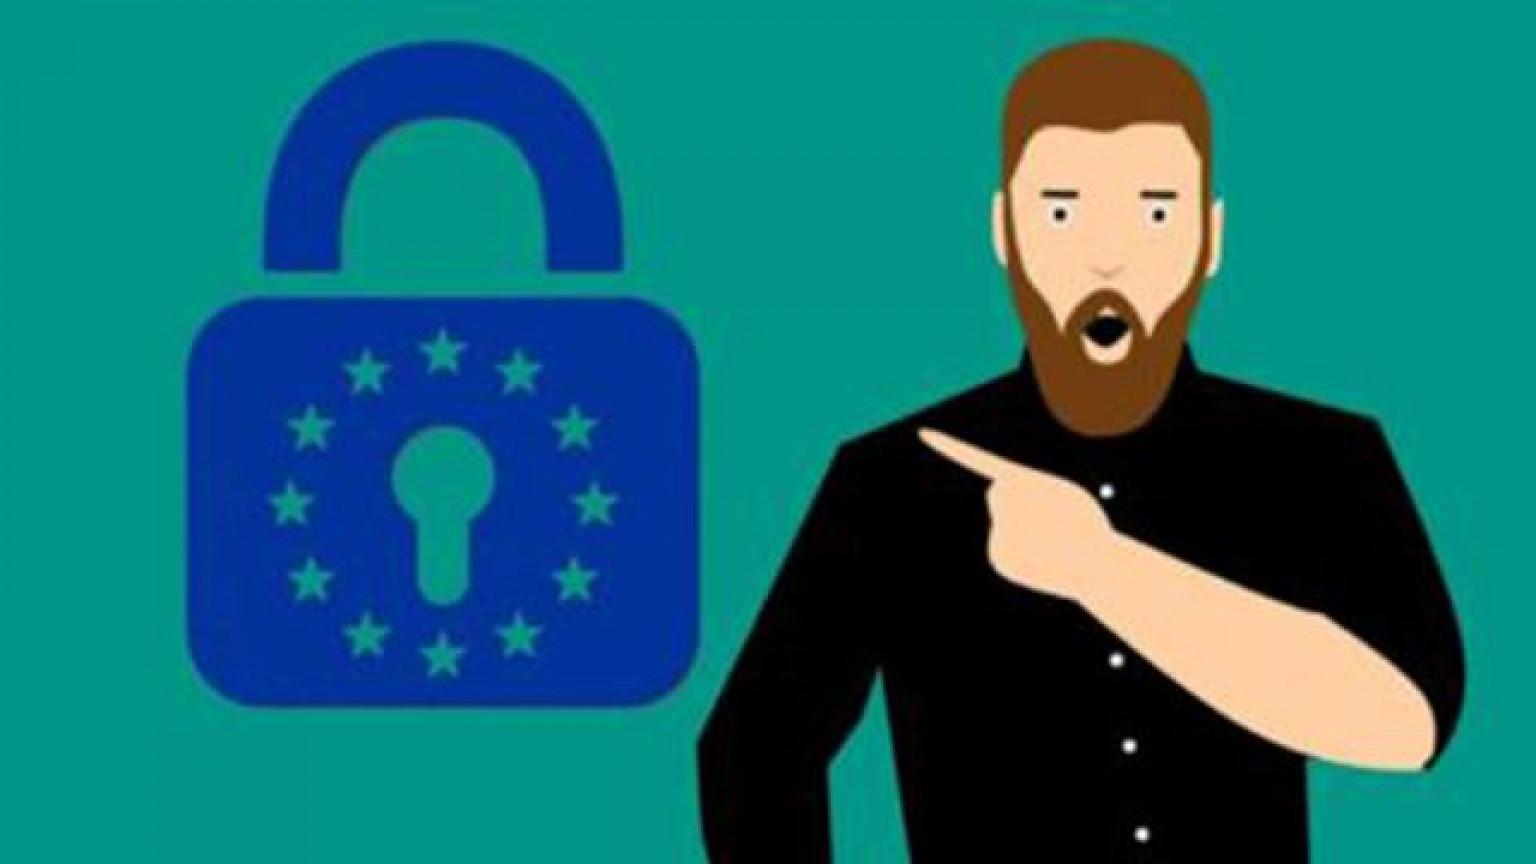 The first EU crowdfunding regulation